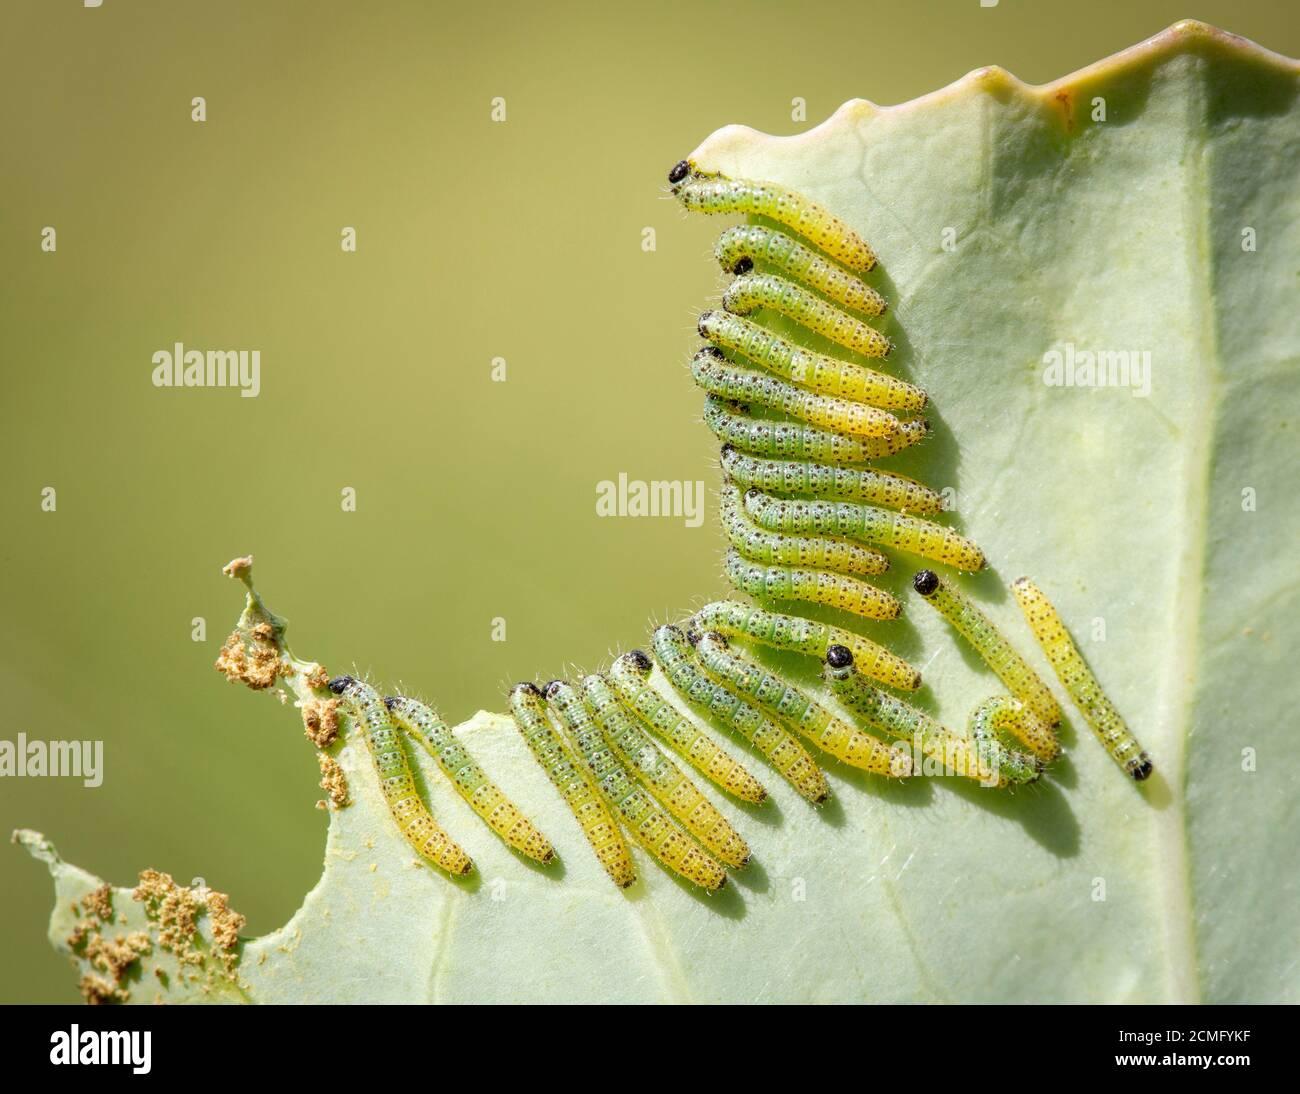 Viele Raupen des großen Kohlweissen Schmetterlings (Pieris brassicae), die sich auf einem Kohlblatt ernähren. Stockfoto